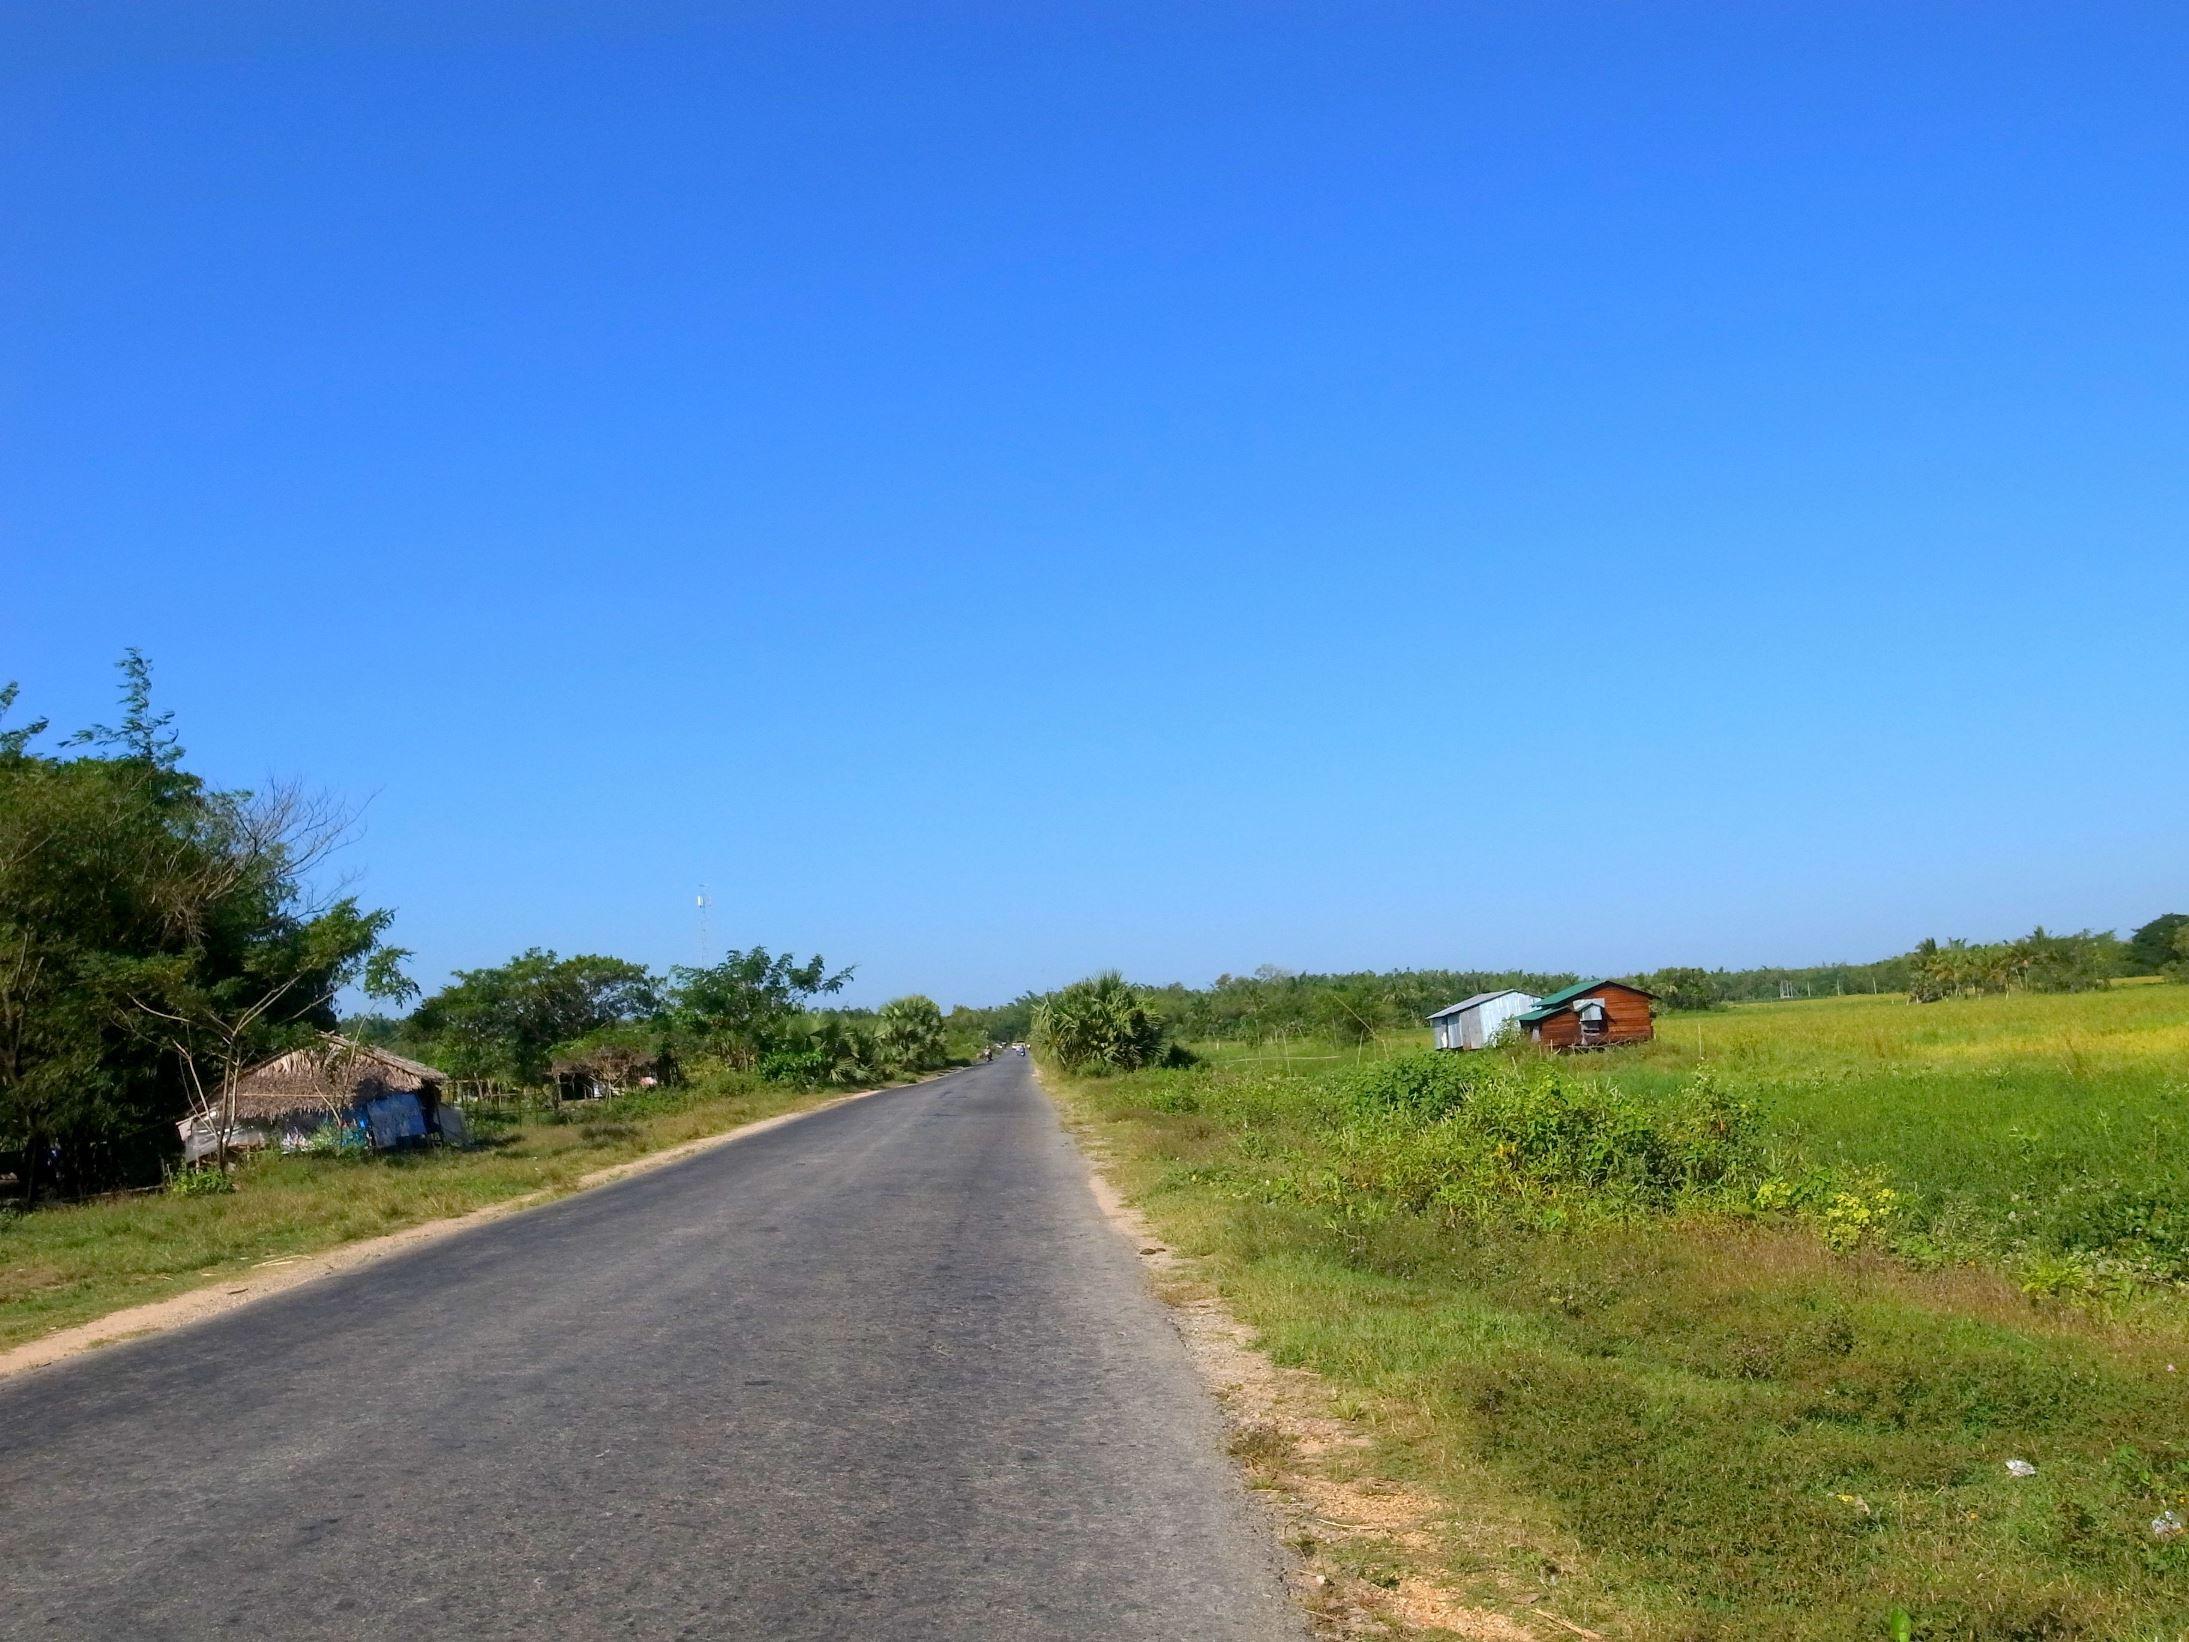 ミャンマー BD-1サイクリング Yangon to Twantay